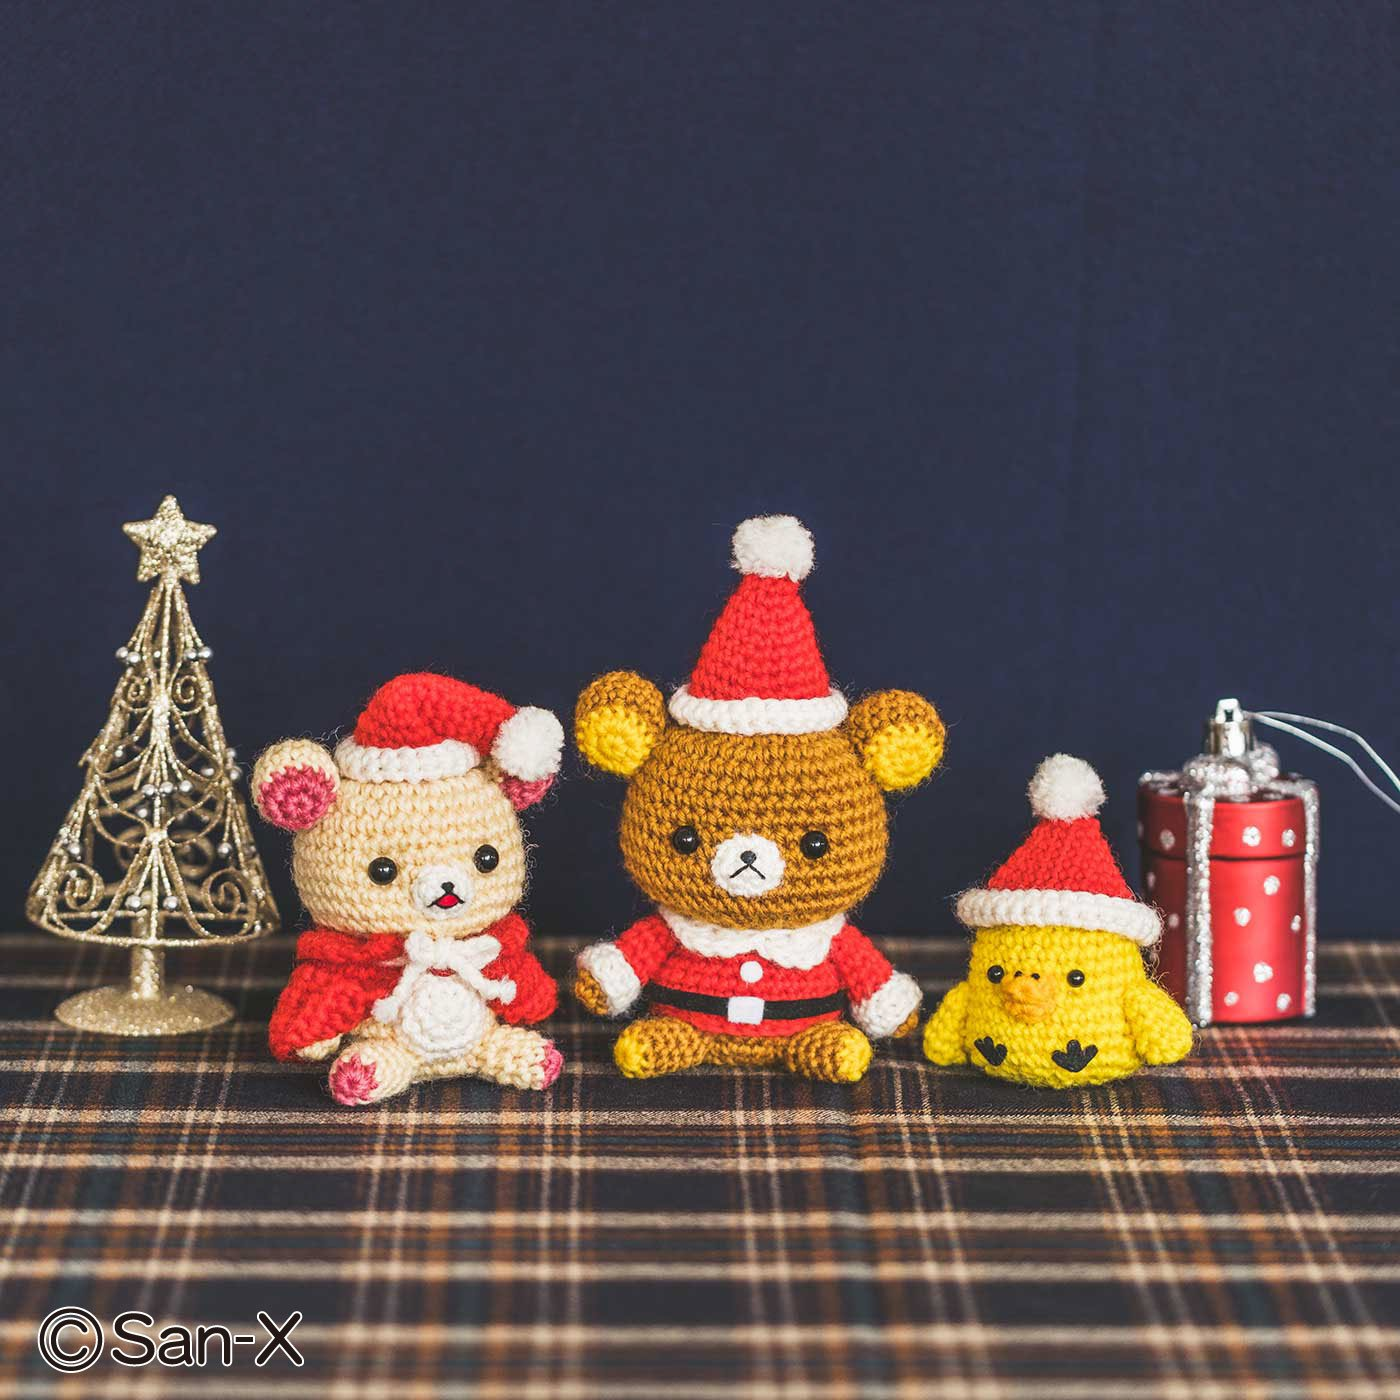 クチュリエ×リラックマ 癒やしのクリスマス スペシャルあみぐるみキット